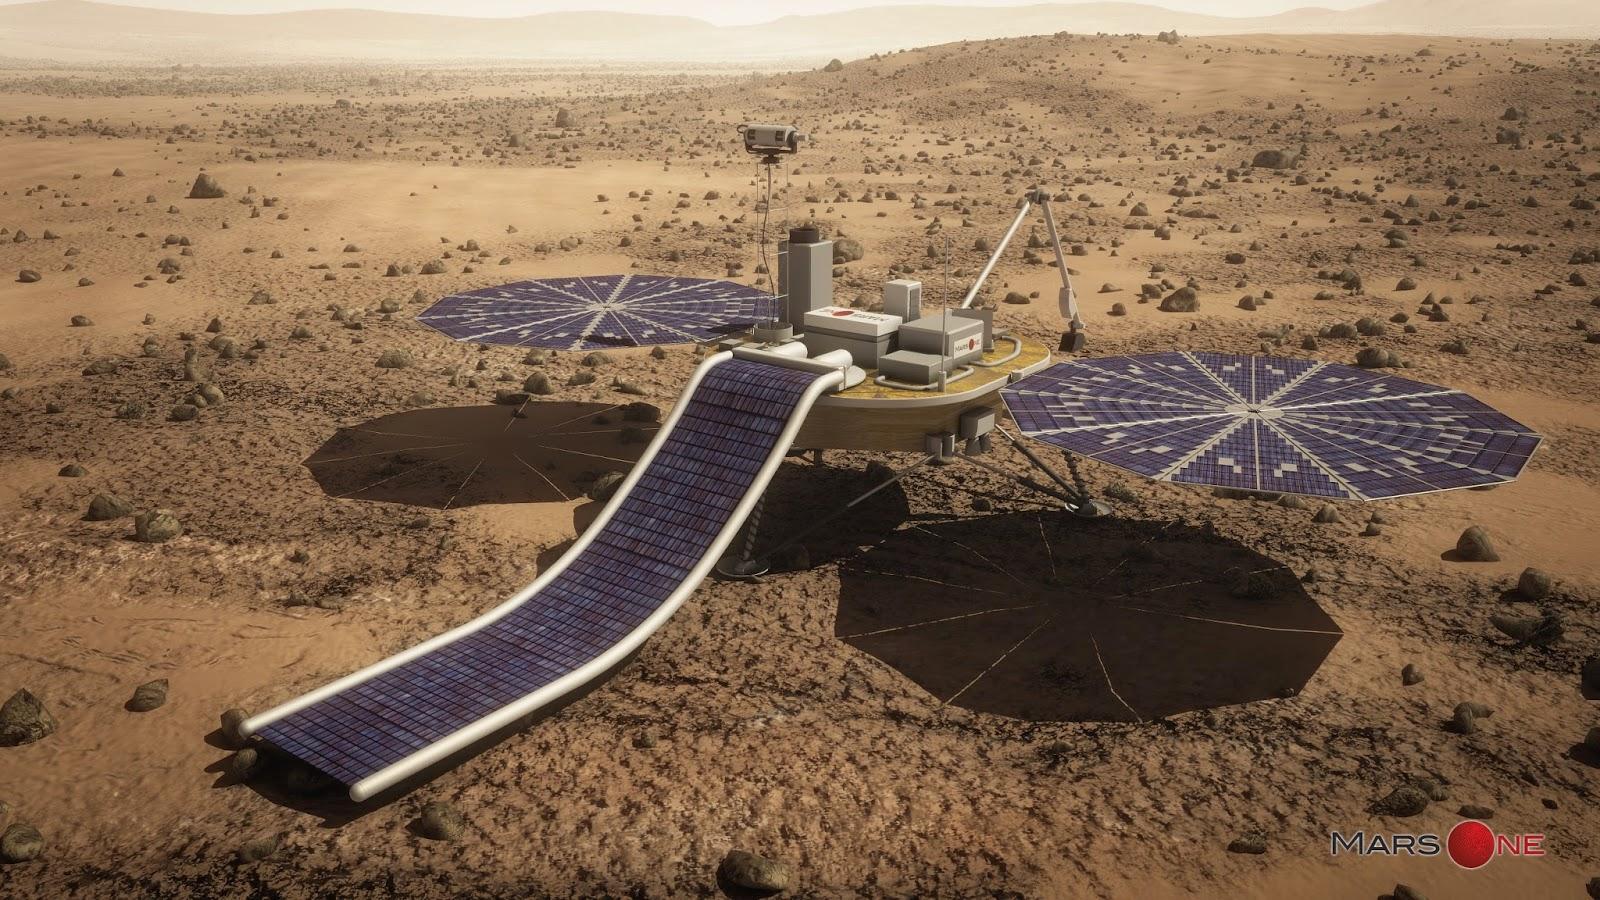 Будущее колонизаторов Марса (3 фото)